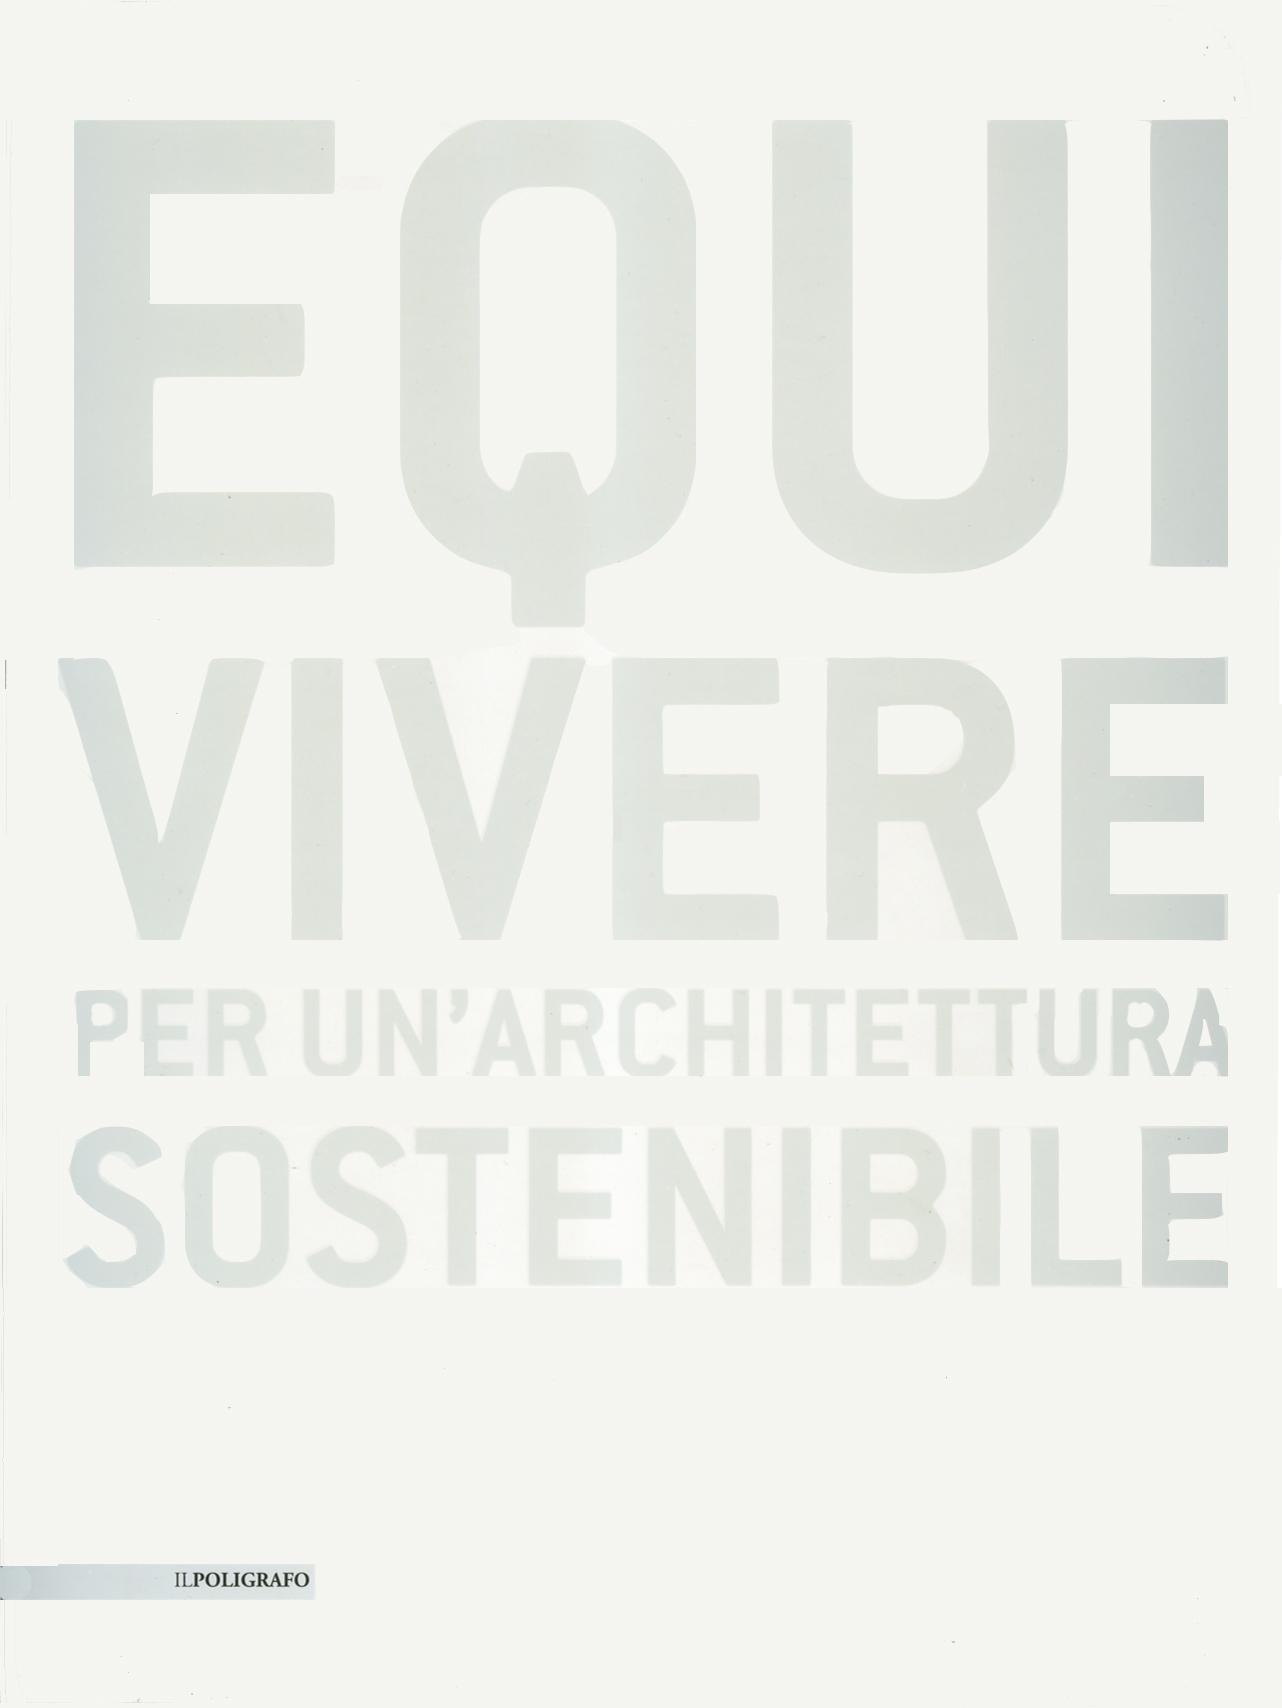 P. Simonetto (a cura di), Equivivere. Per un'architettura sostenibile, Il Poligrafo, Padova, 2010